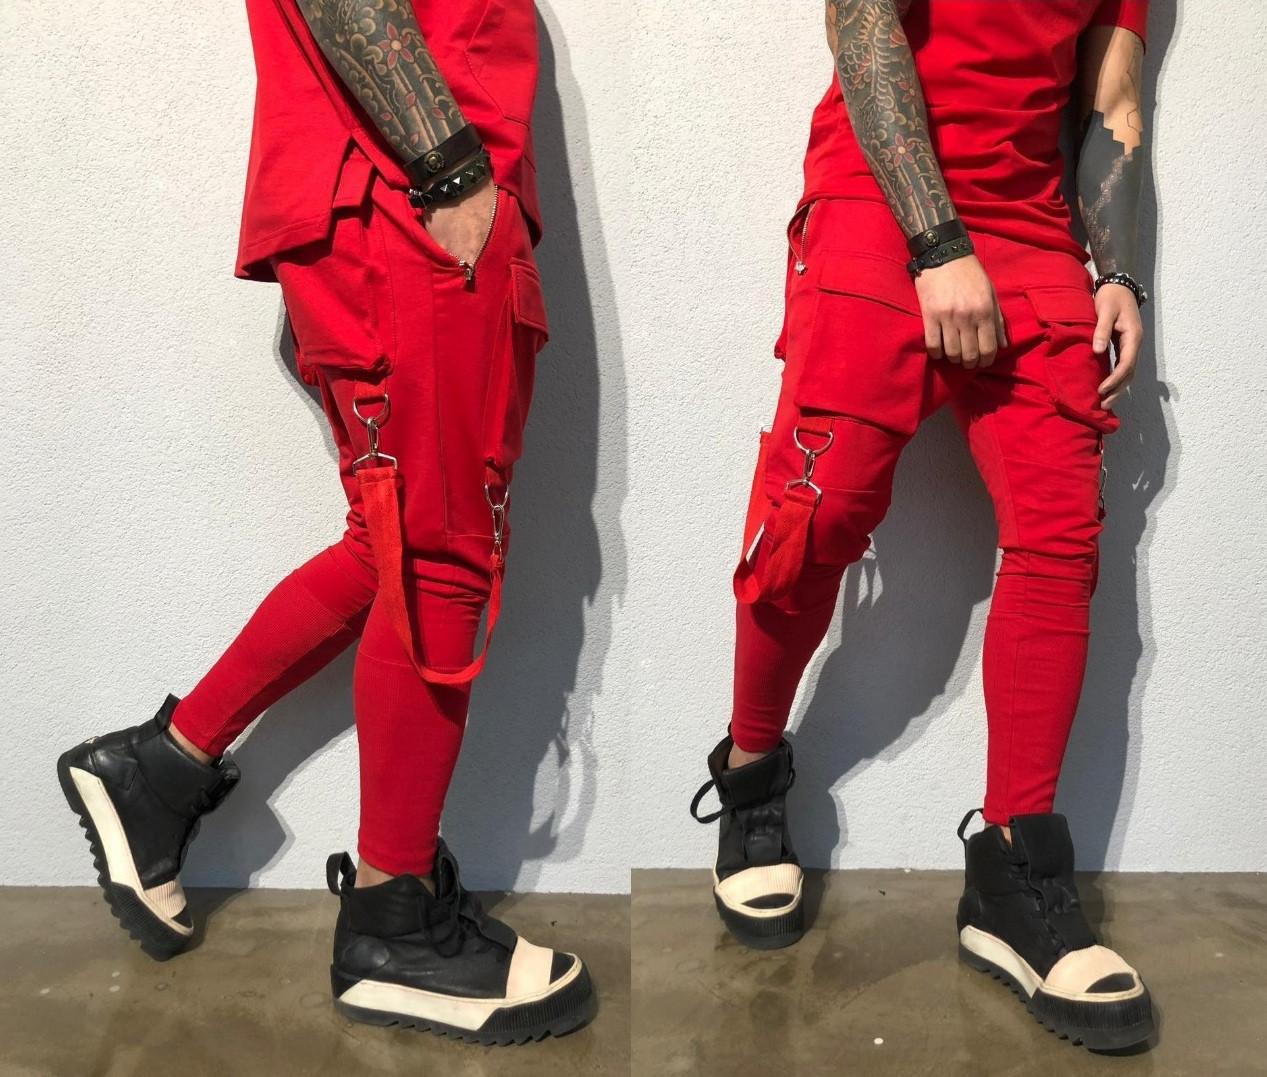 51690f62 Модные мужские спортивные штаны с карманами. Красные, 3 цвета ...